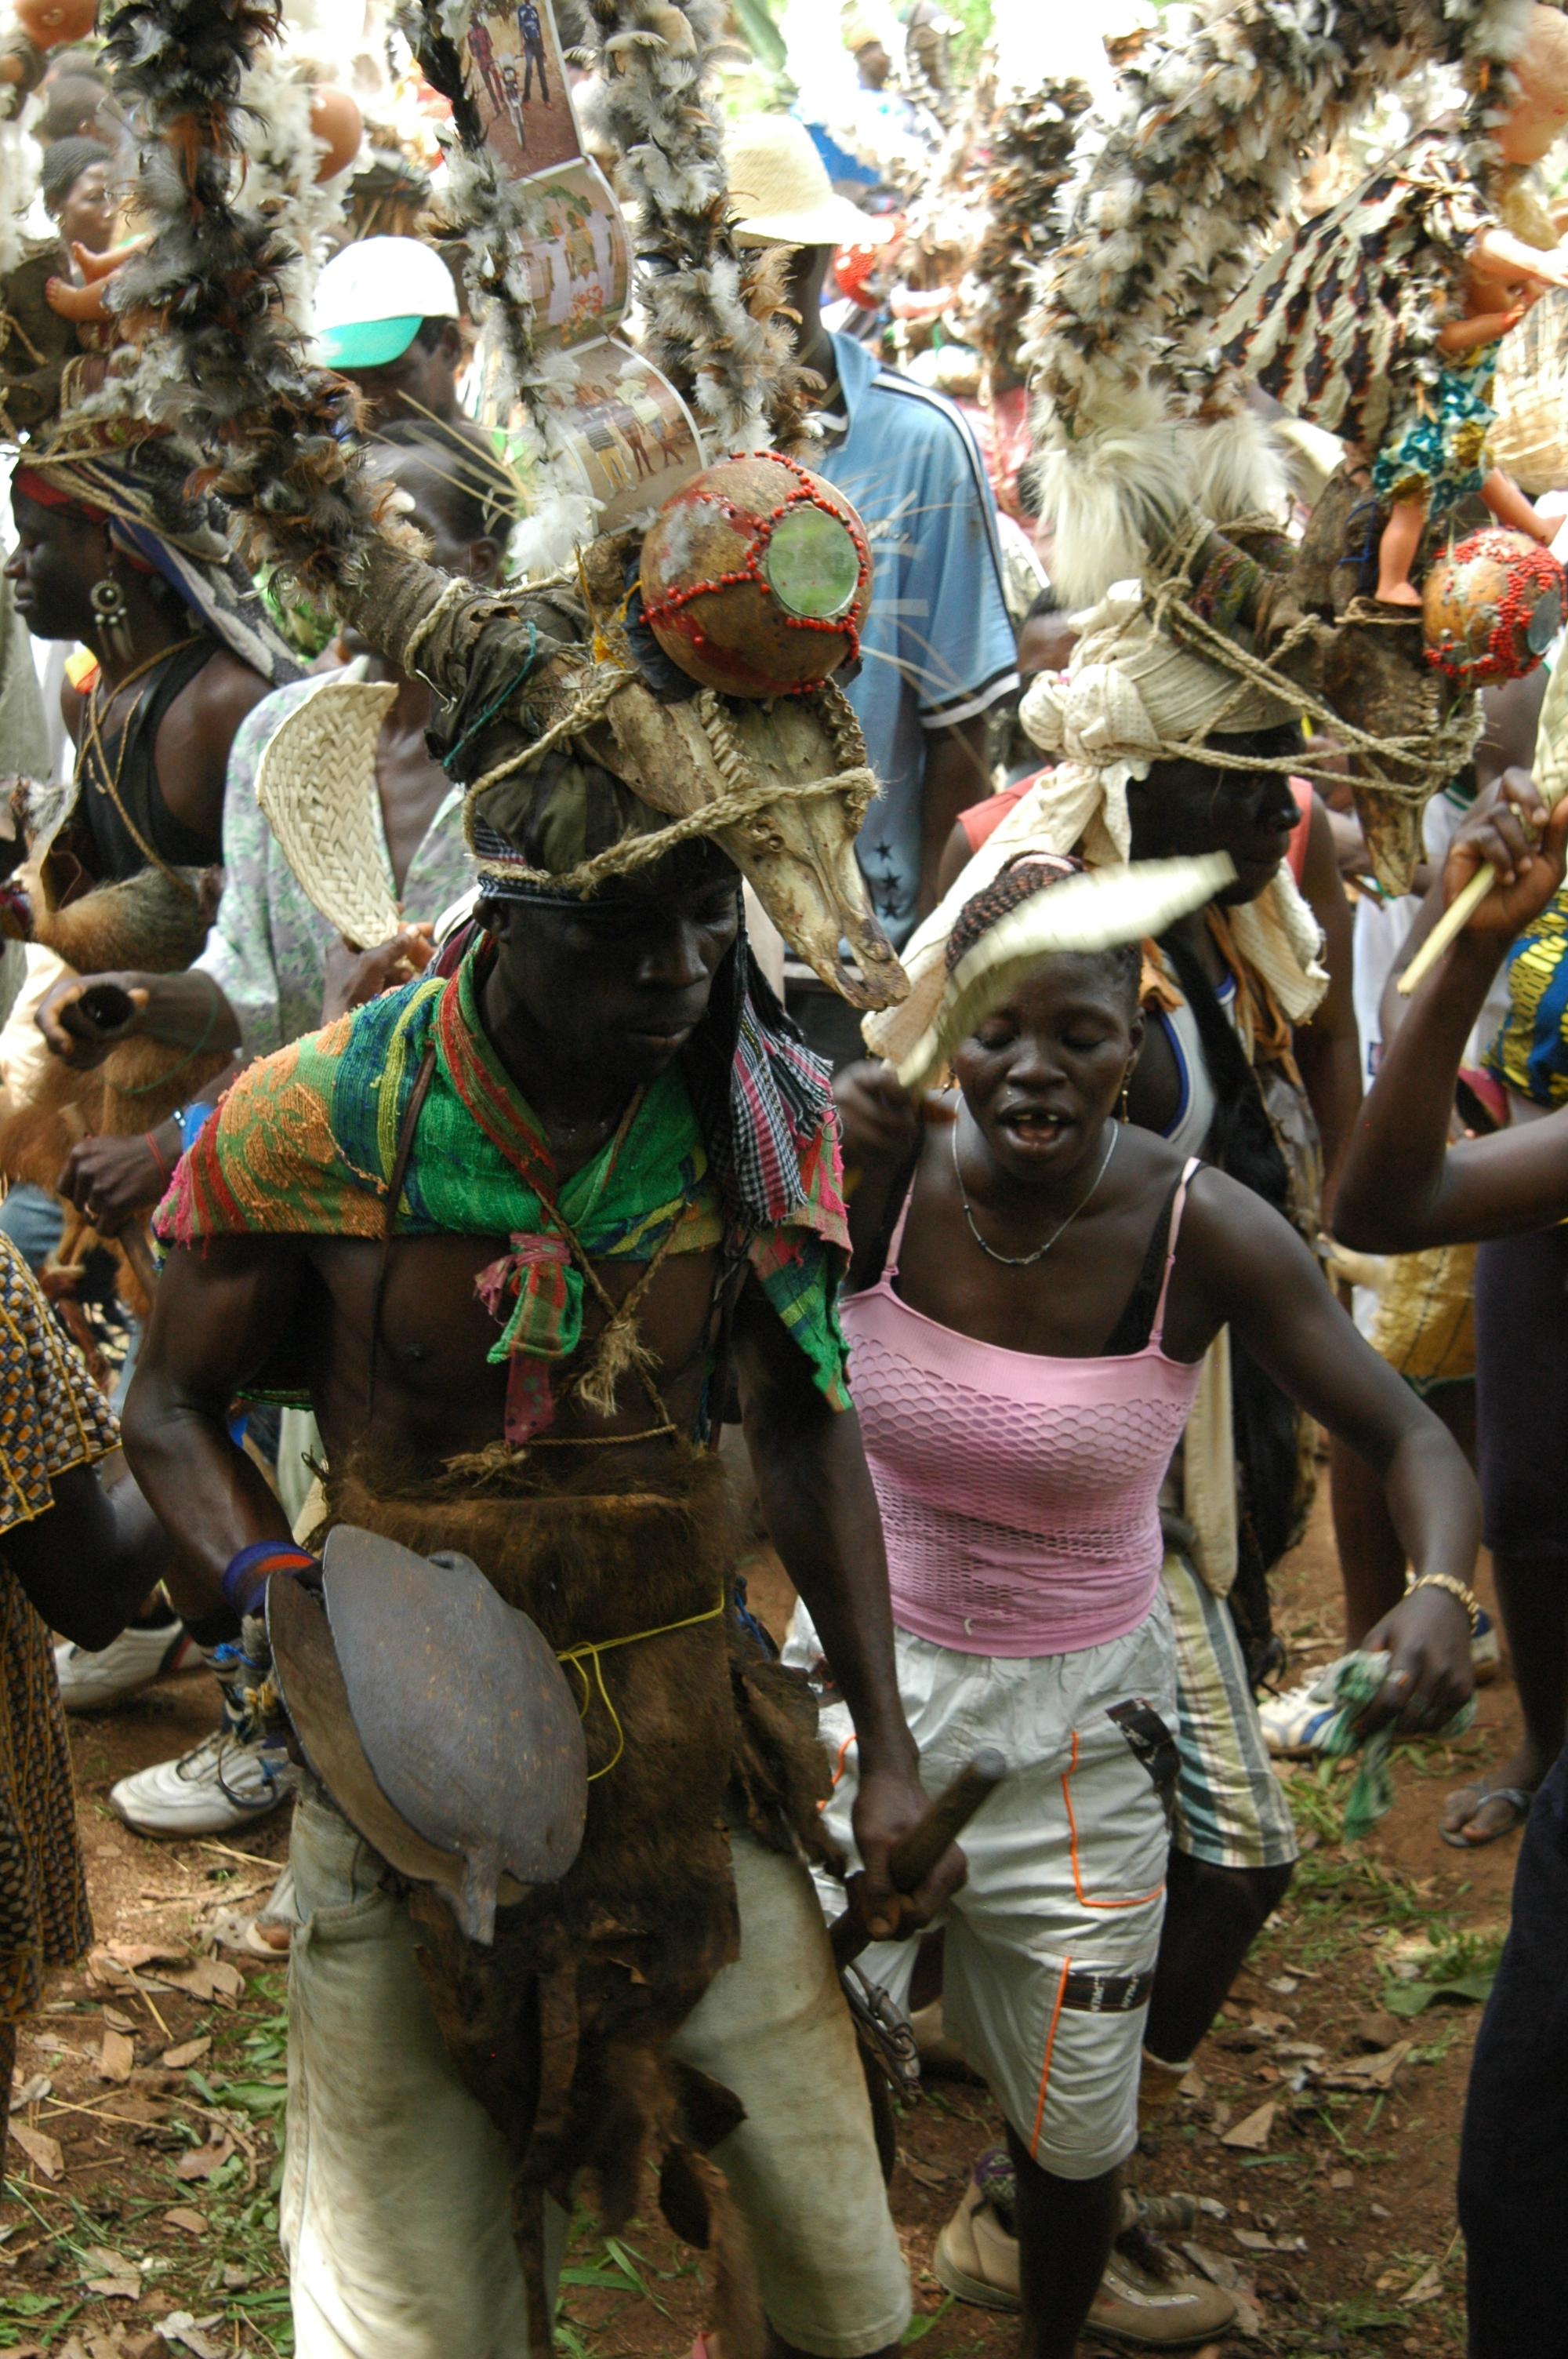 Initiation ceremony in process. Kwede, Togo. © Tom Joyce, 2010